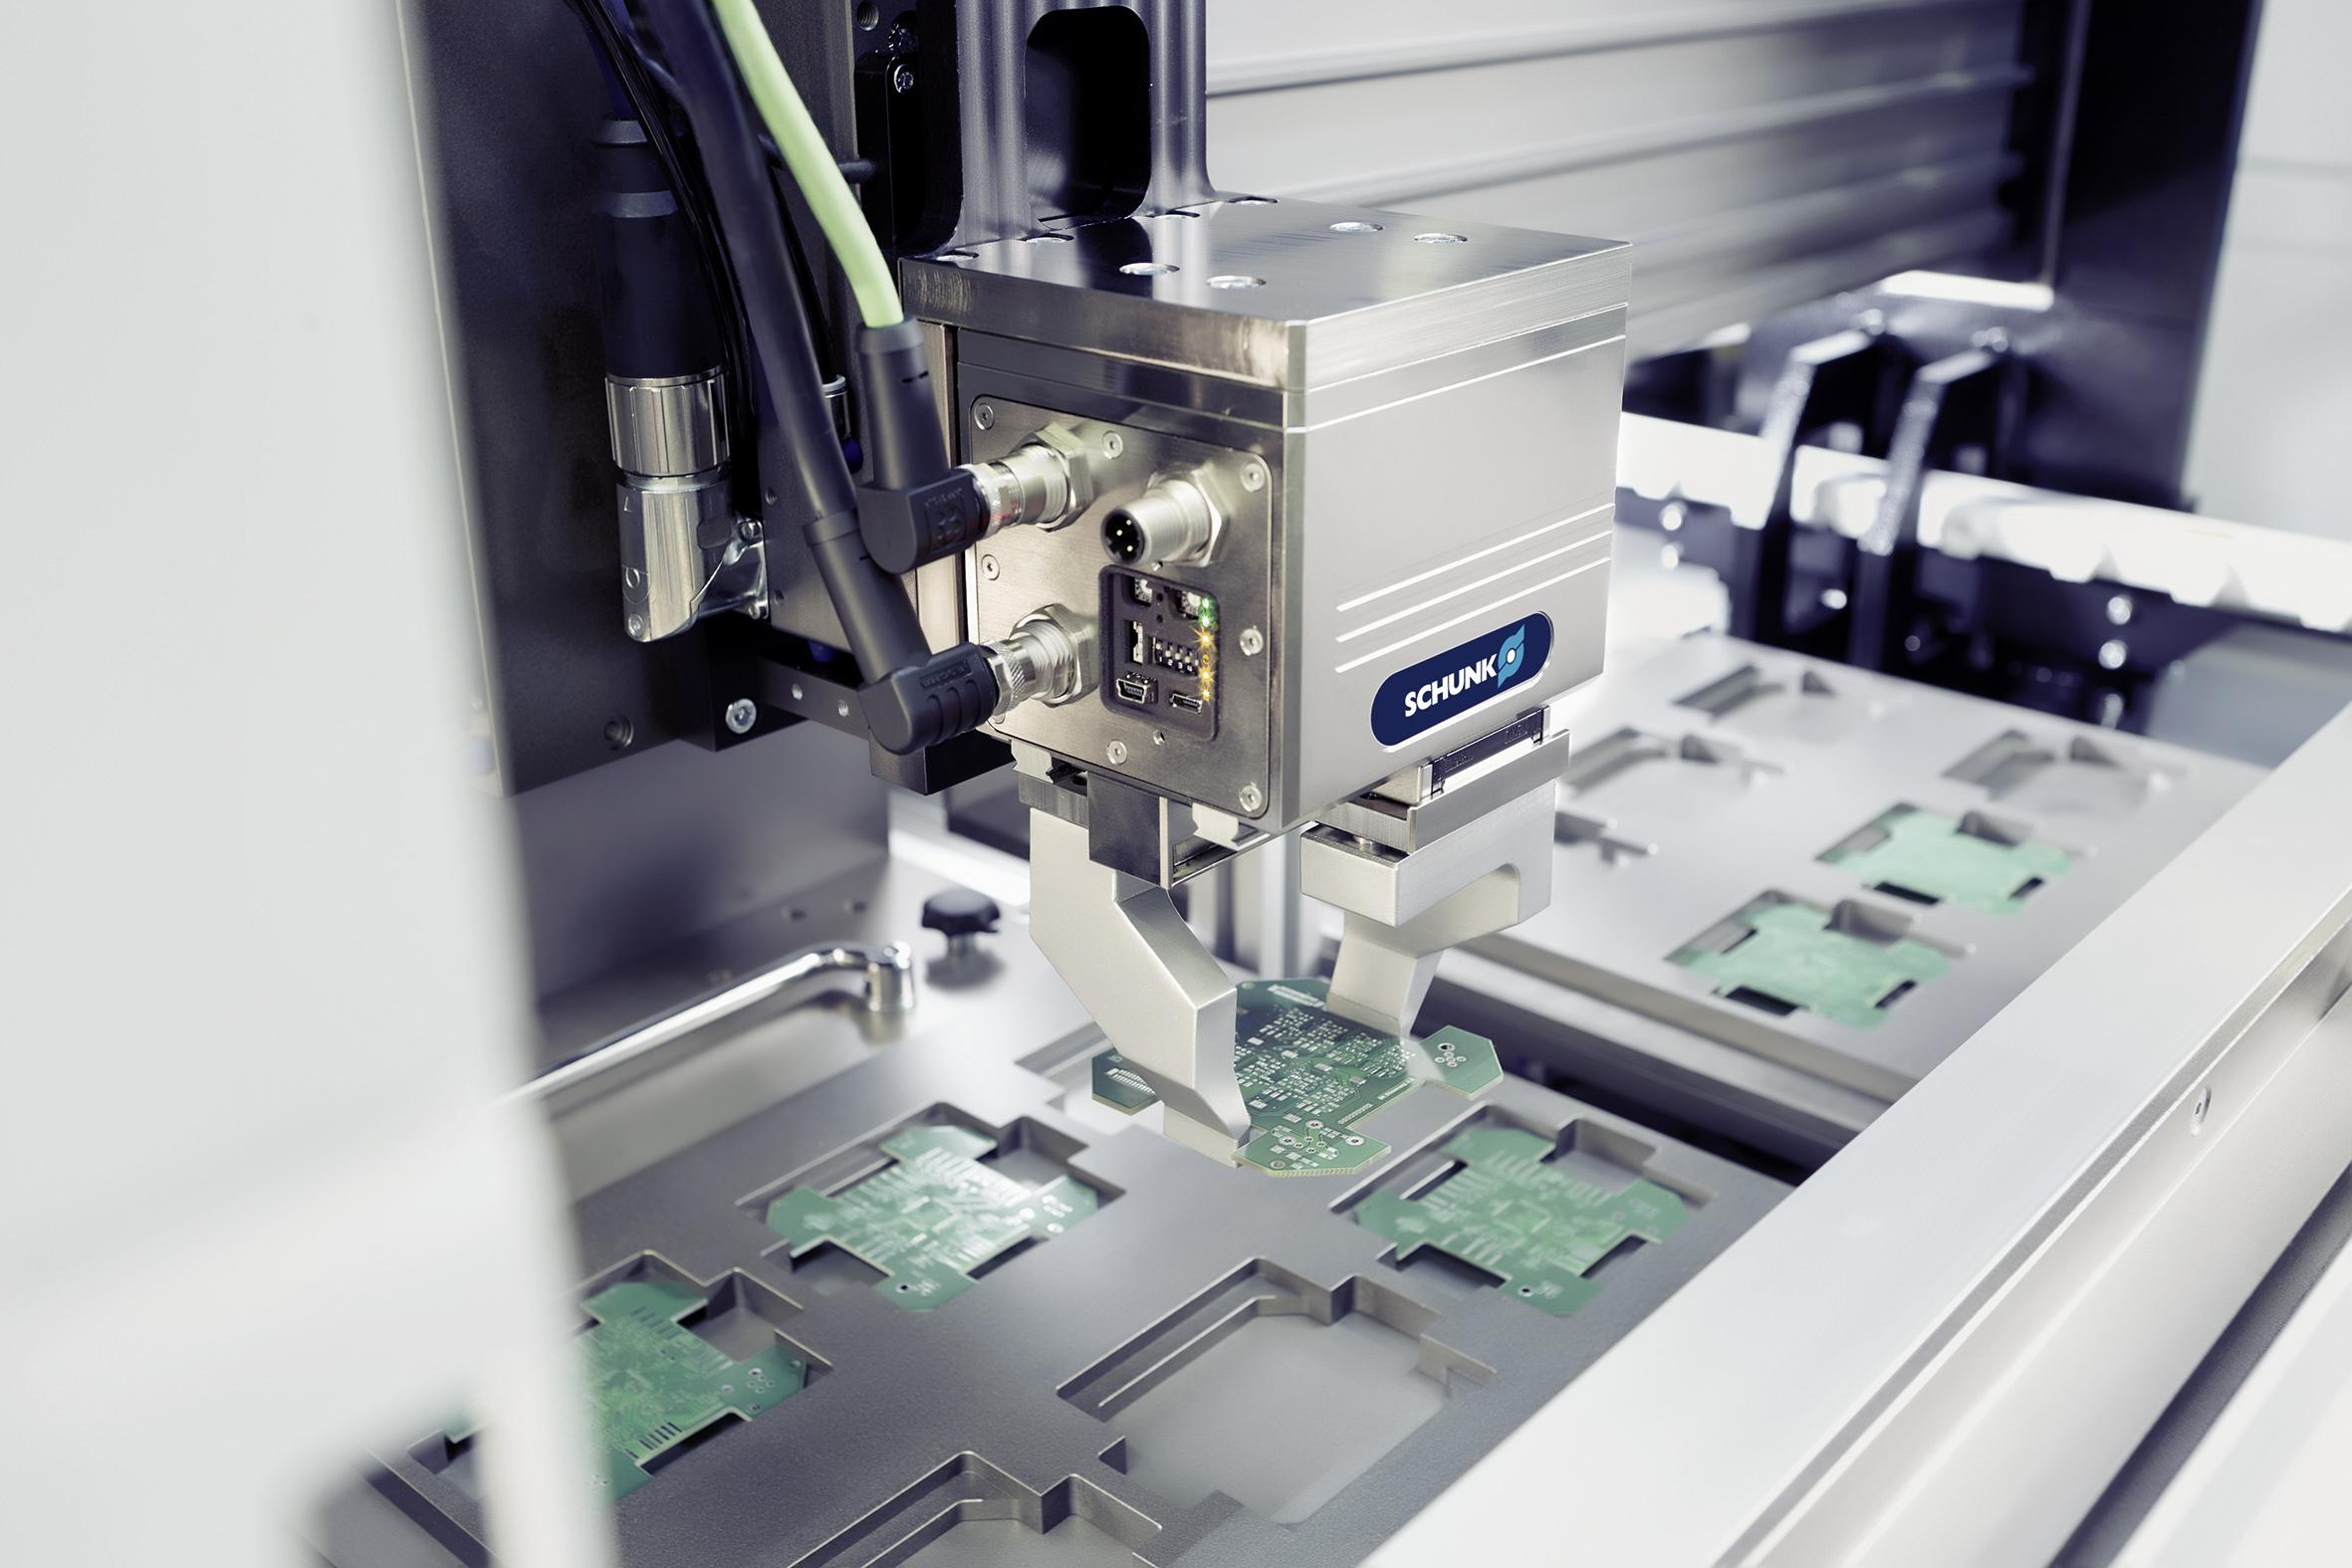 SCHUNK da un paso adelante para una fabricación inteligente